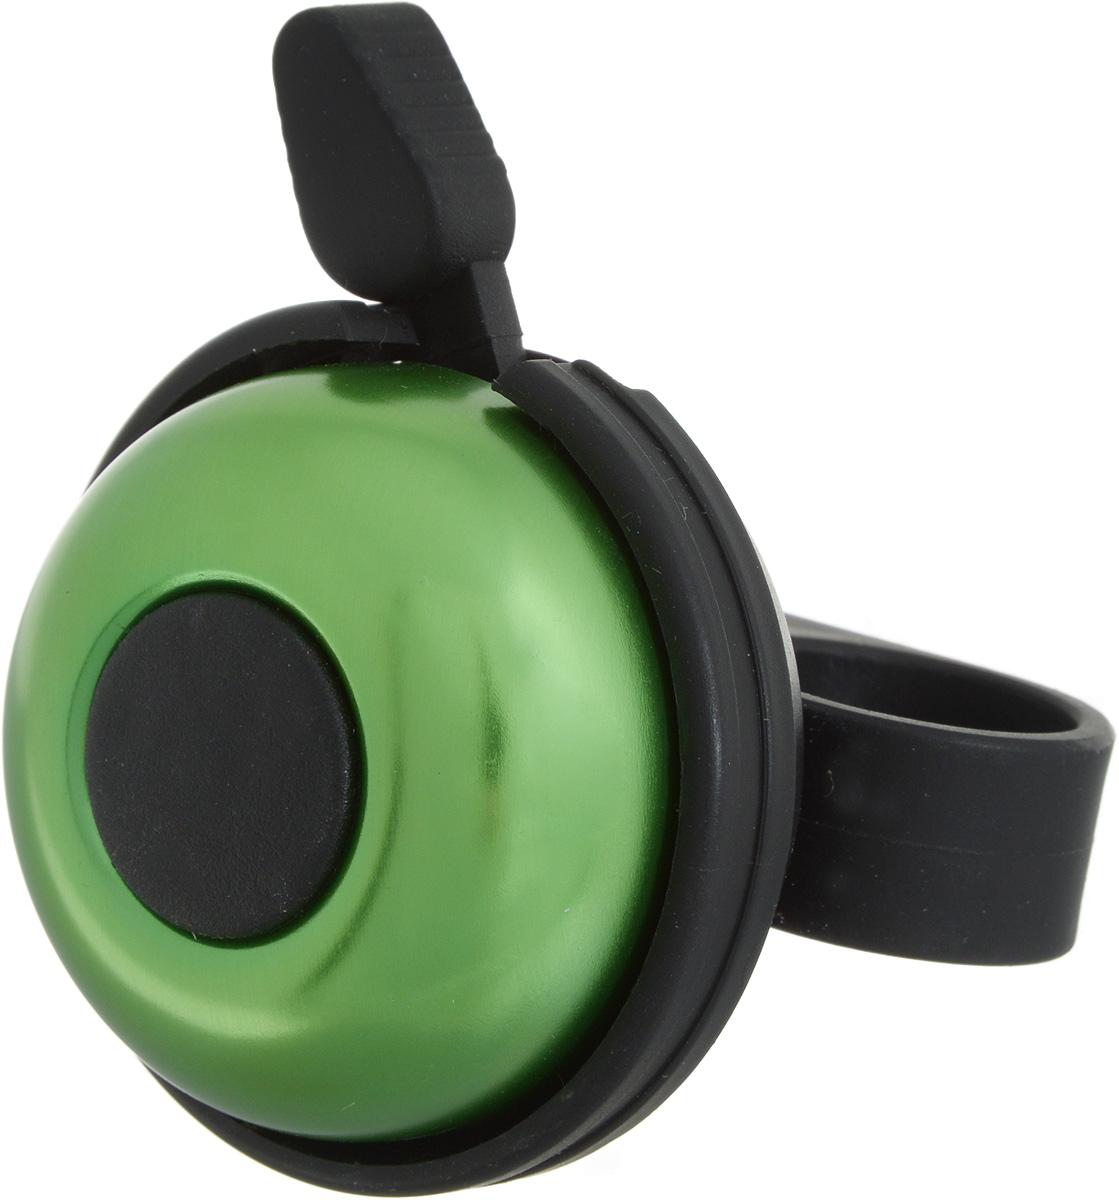 Звонок велосипедный Stern, цвет: зеленыйCR-1GR.Звонок Stern изготовлен из металла и пластика. Изделие крепится на руль велосипеда и позволяет привлечь внимание в опасных ситуациях. Оригинальный звонок сделает вашу езду безопасной. Диаметр звонка: 5 см.